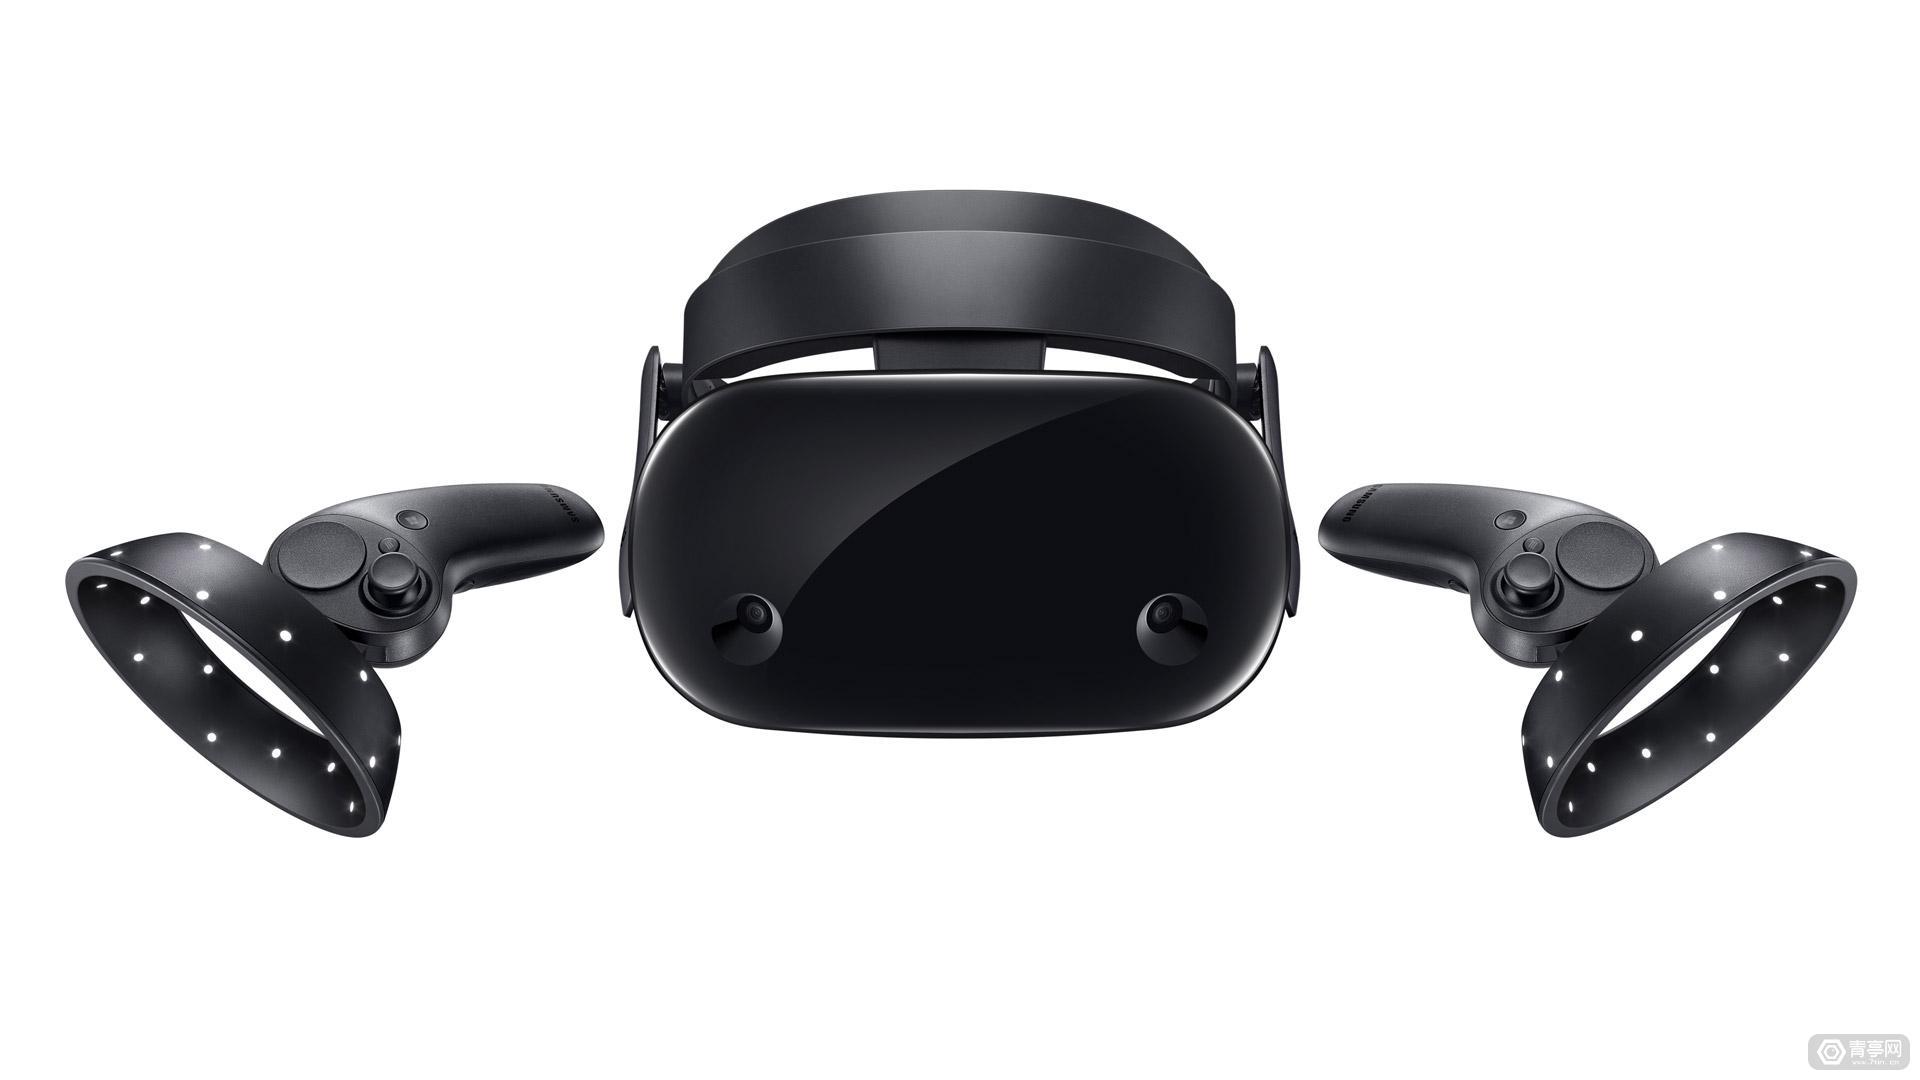 三星的Windows VR头盔Odyssey现已发售,你想知道的都在这儿